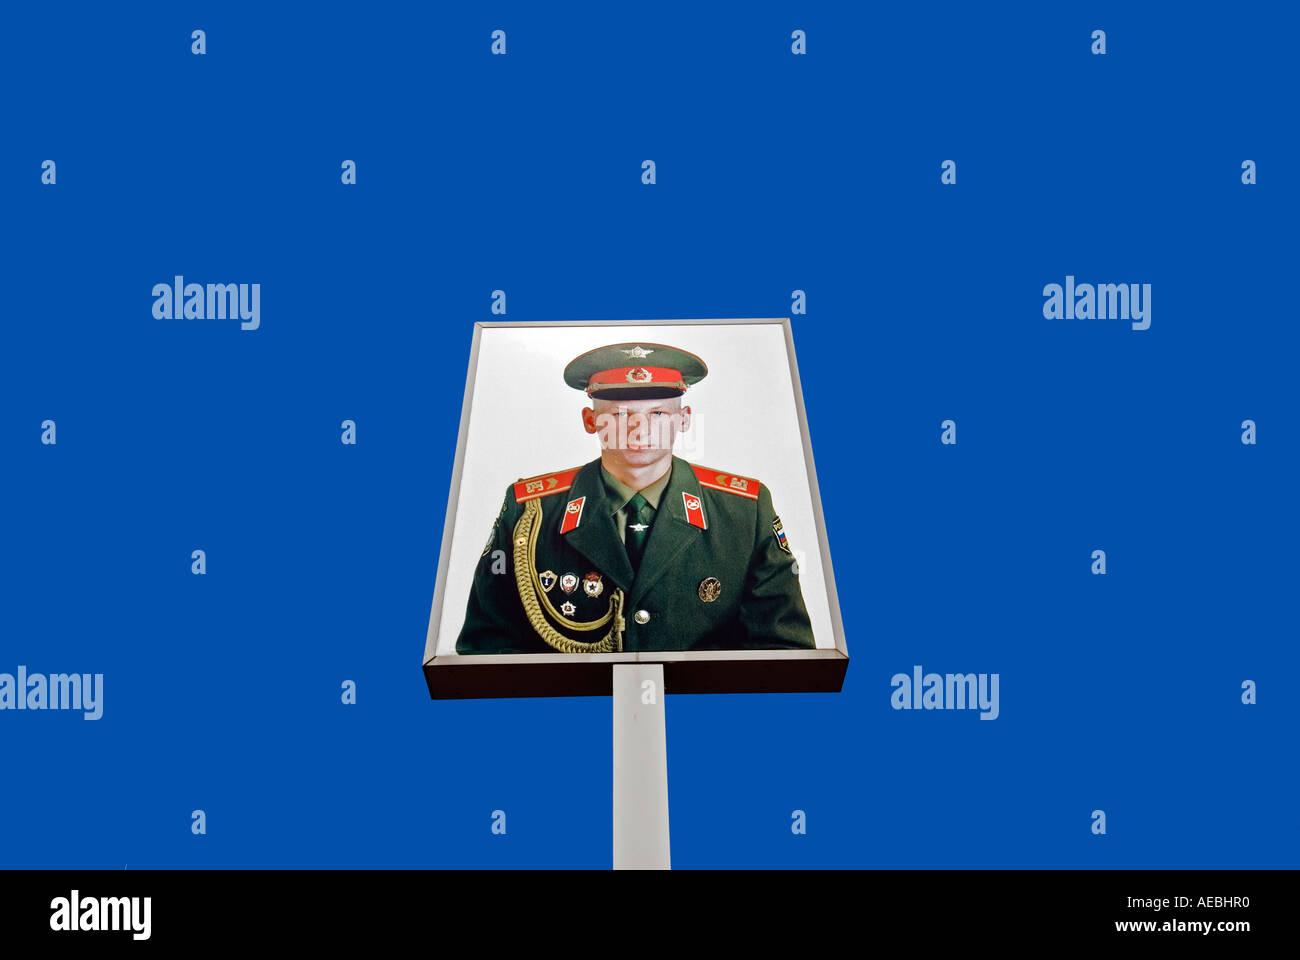 Retrato del soldado soviético en el famoso Checkpoint Charlie, en Berlín, Alemania 2006 Imagen De Stock